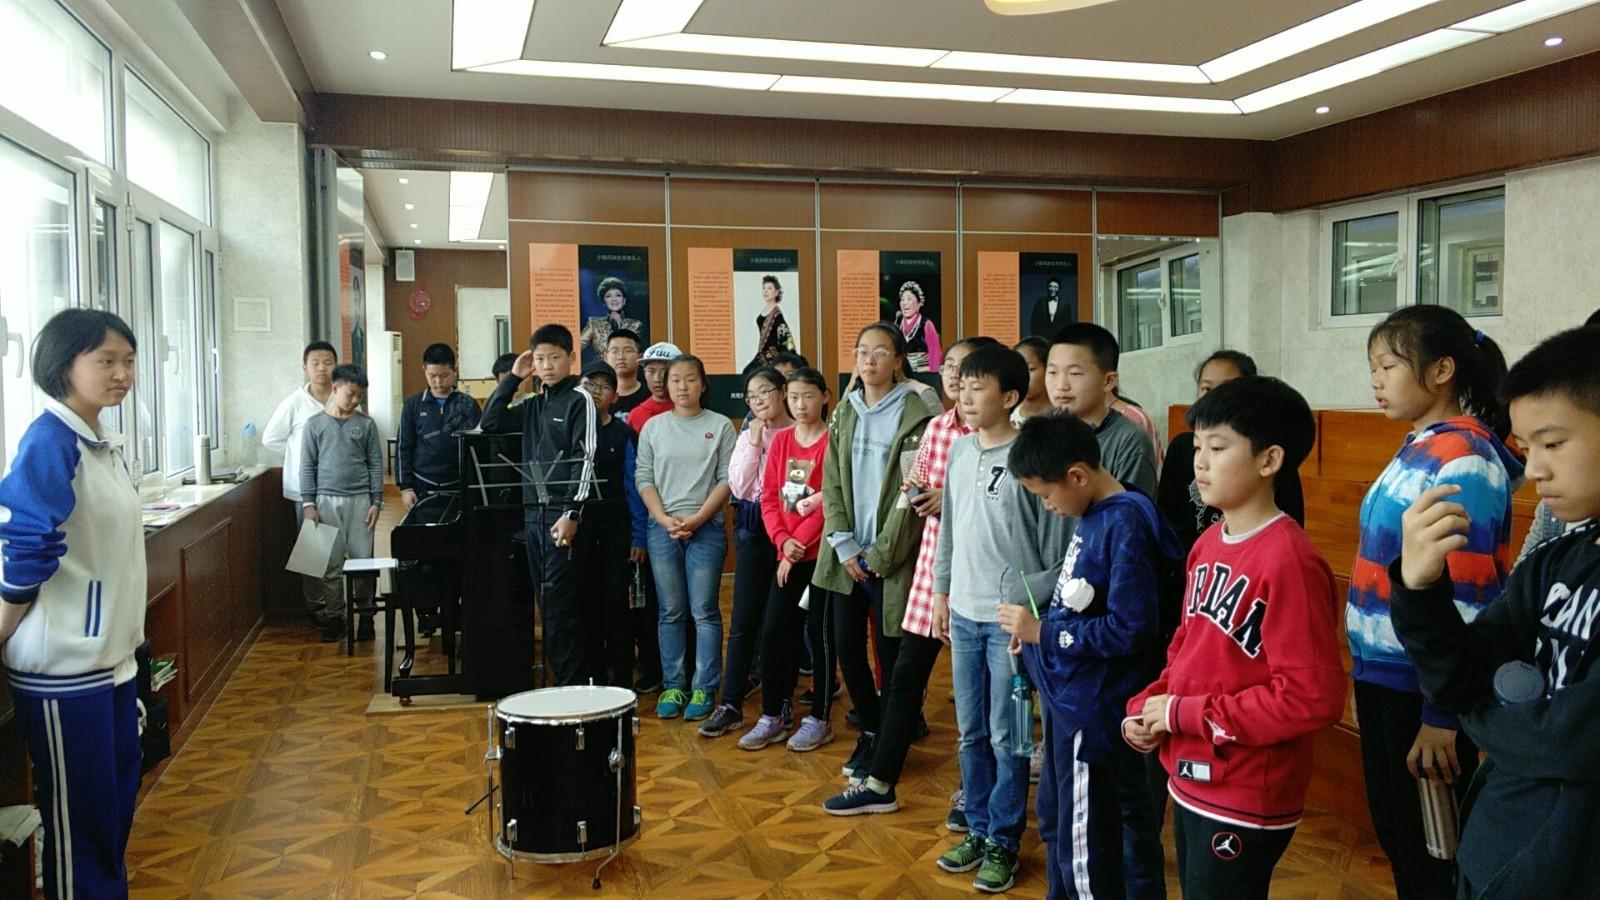 参观高中部音乐教室.jpg